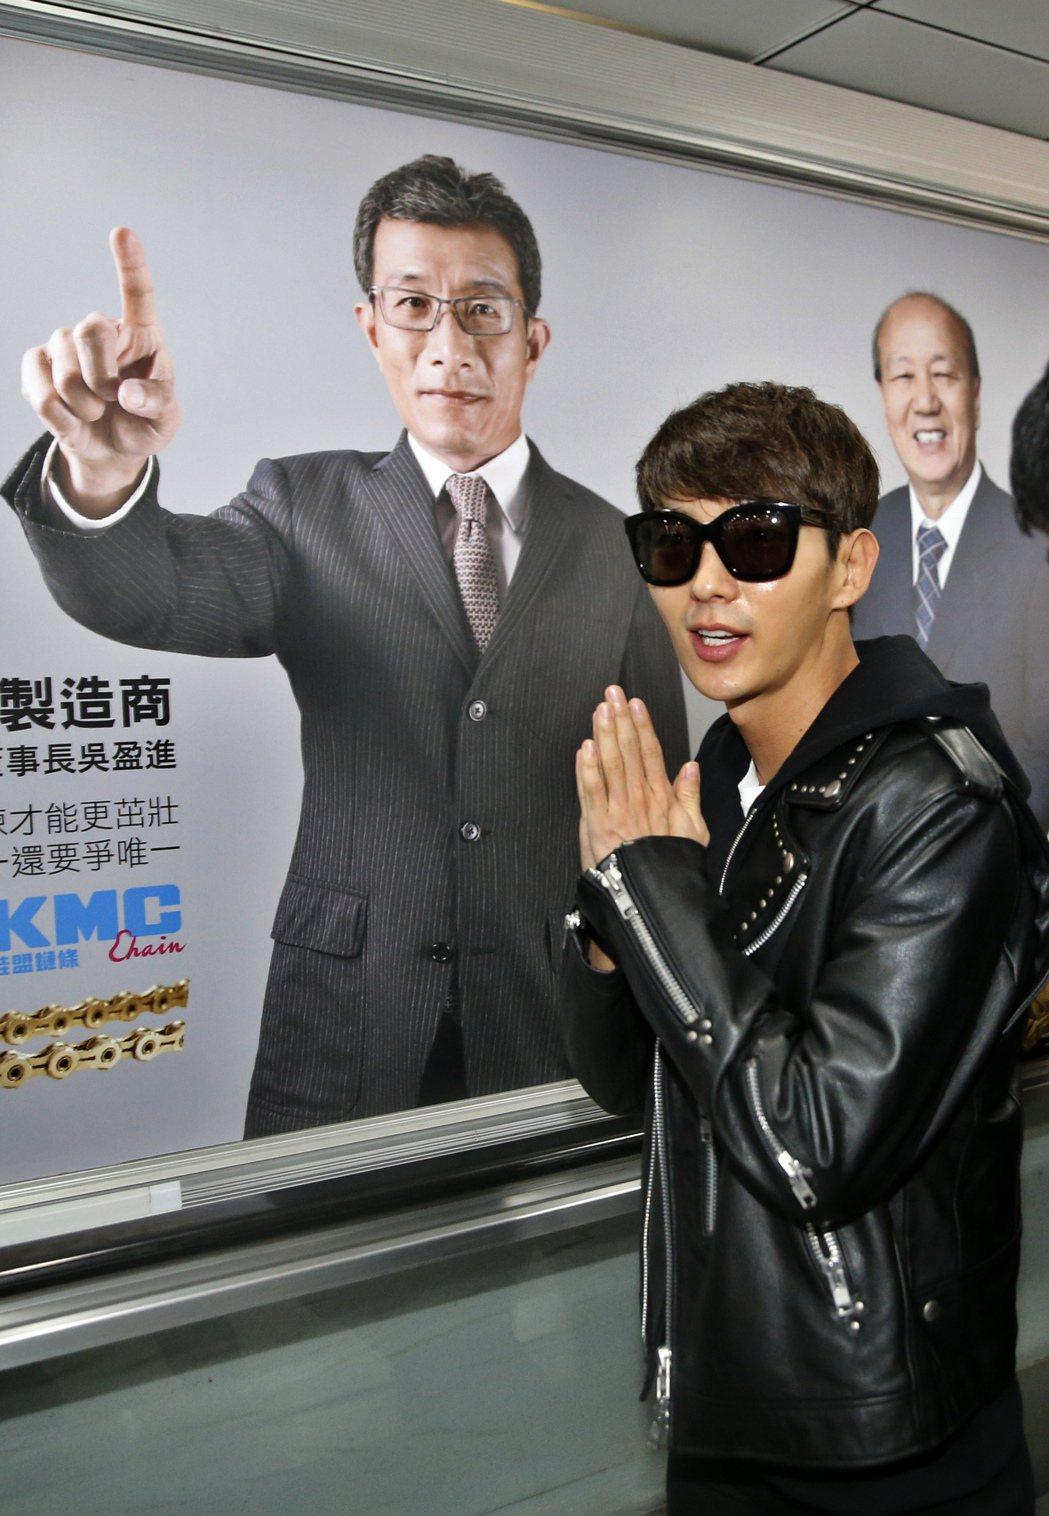 韓星李準基中午搭機抵達桃園機場,他用中文「很高興來到台灣」、「好久不見」向台灣粉...